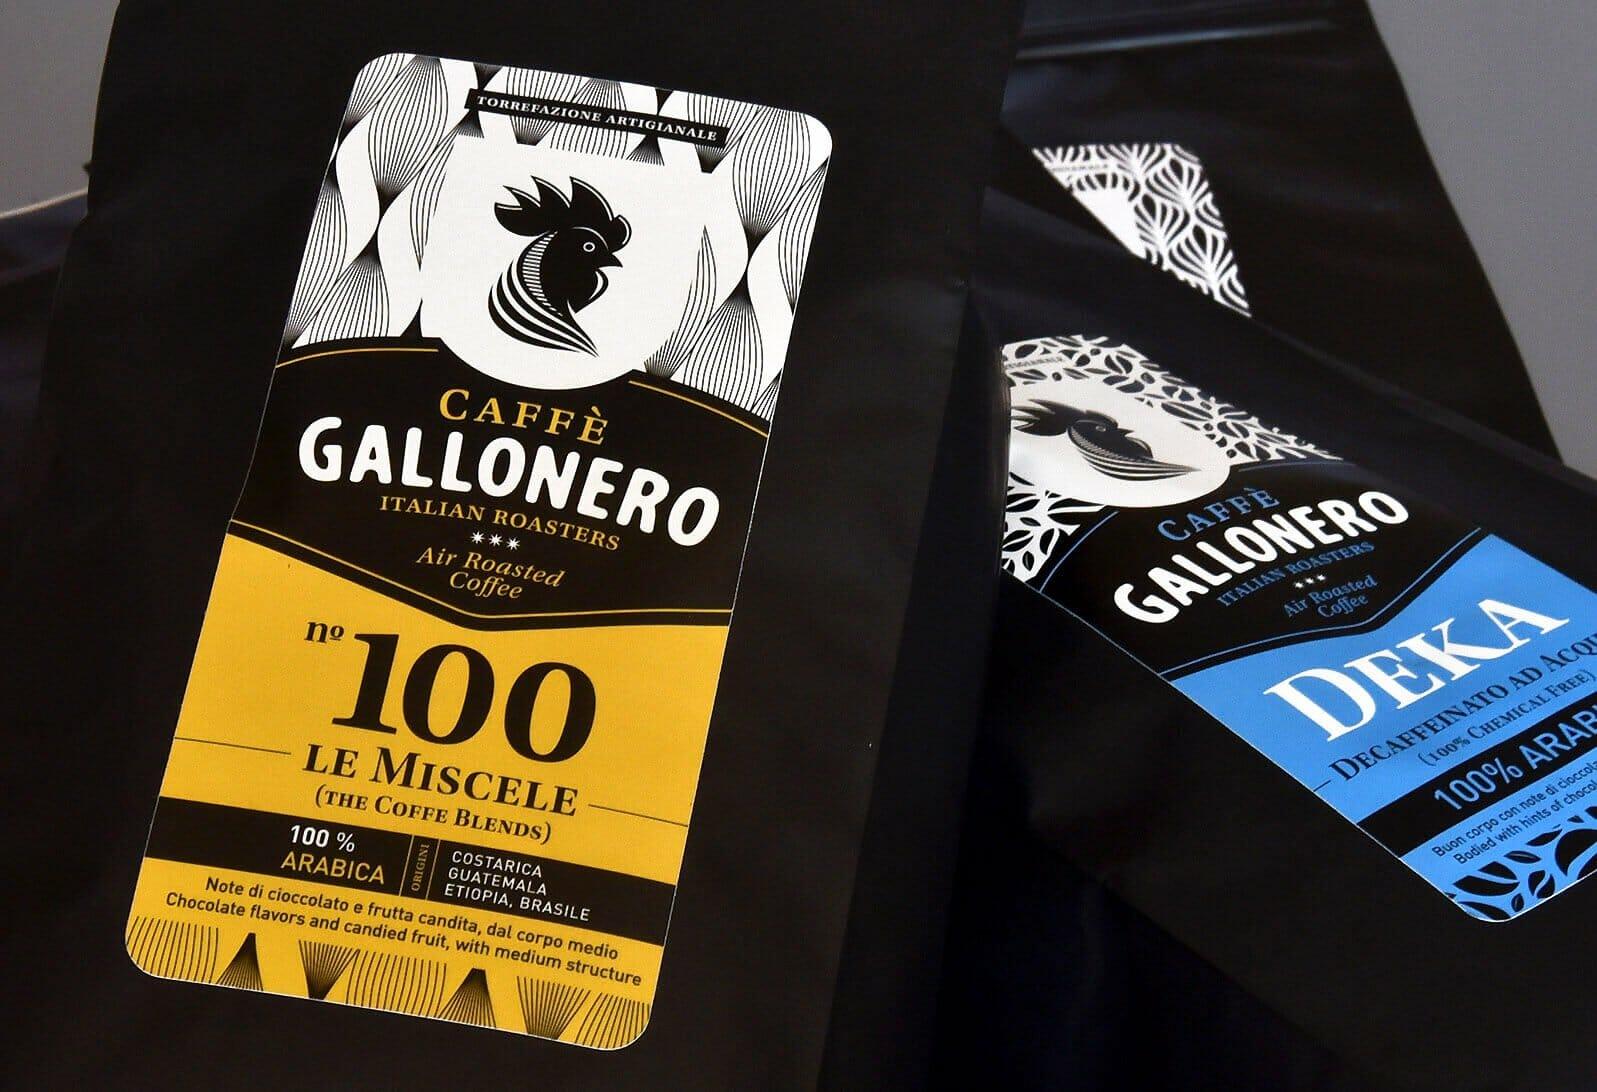 etichette gallonero